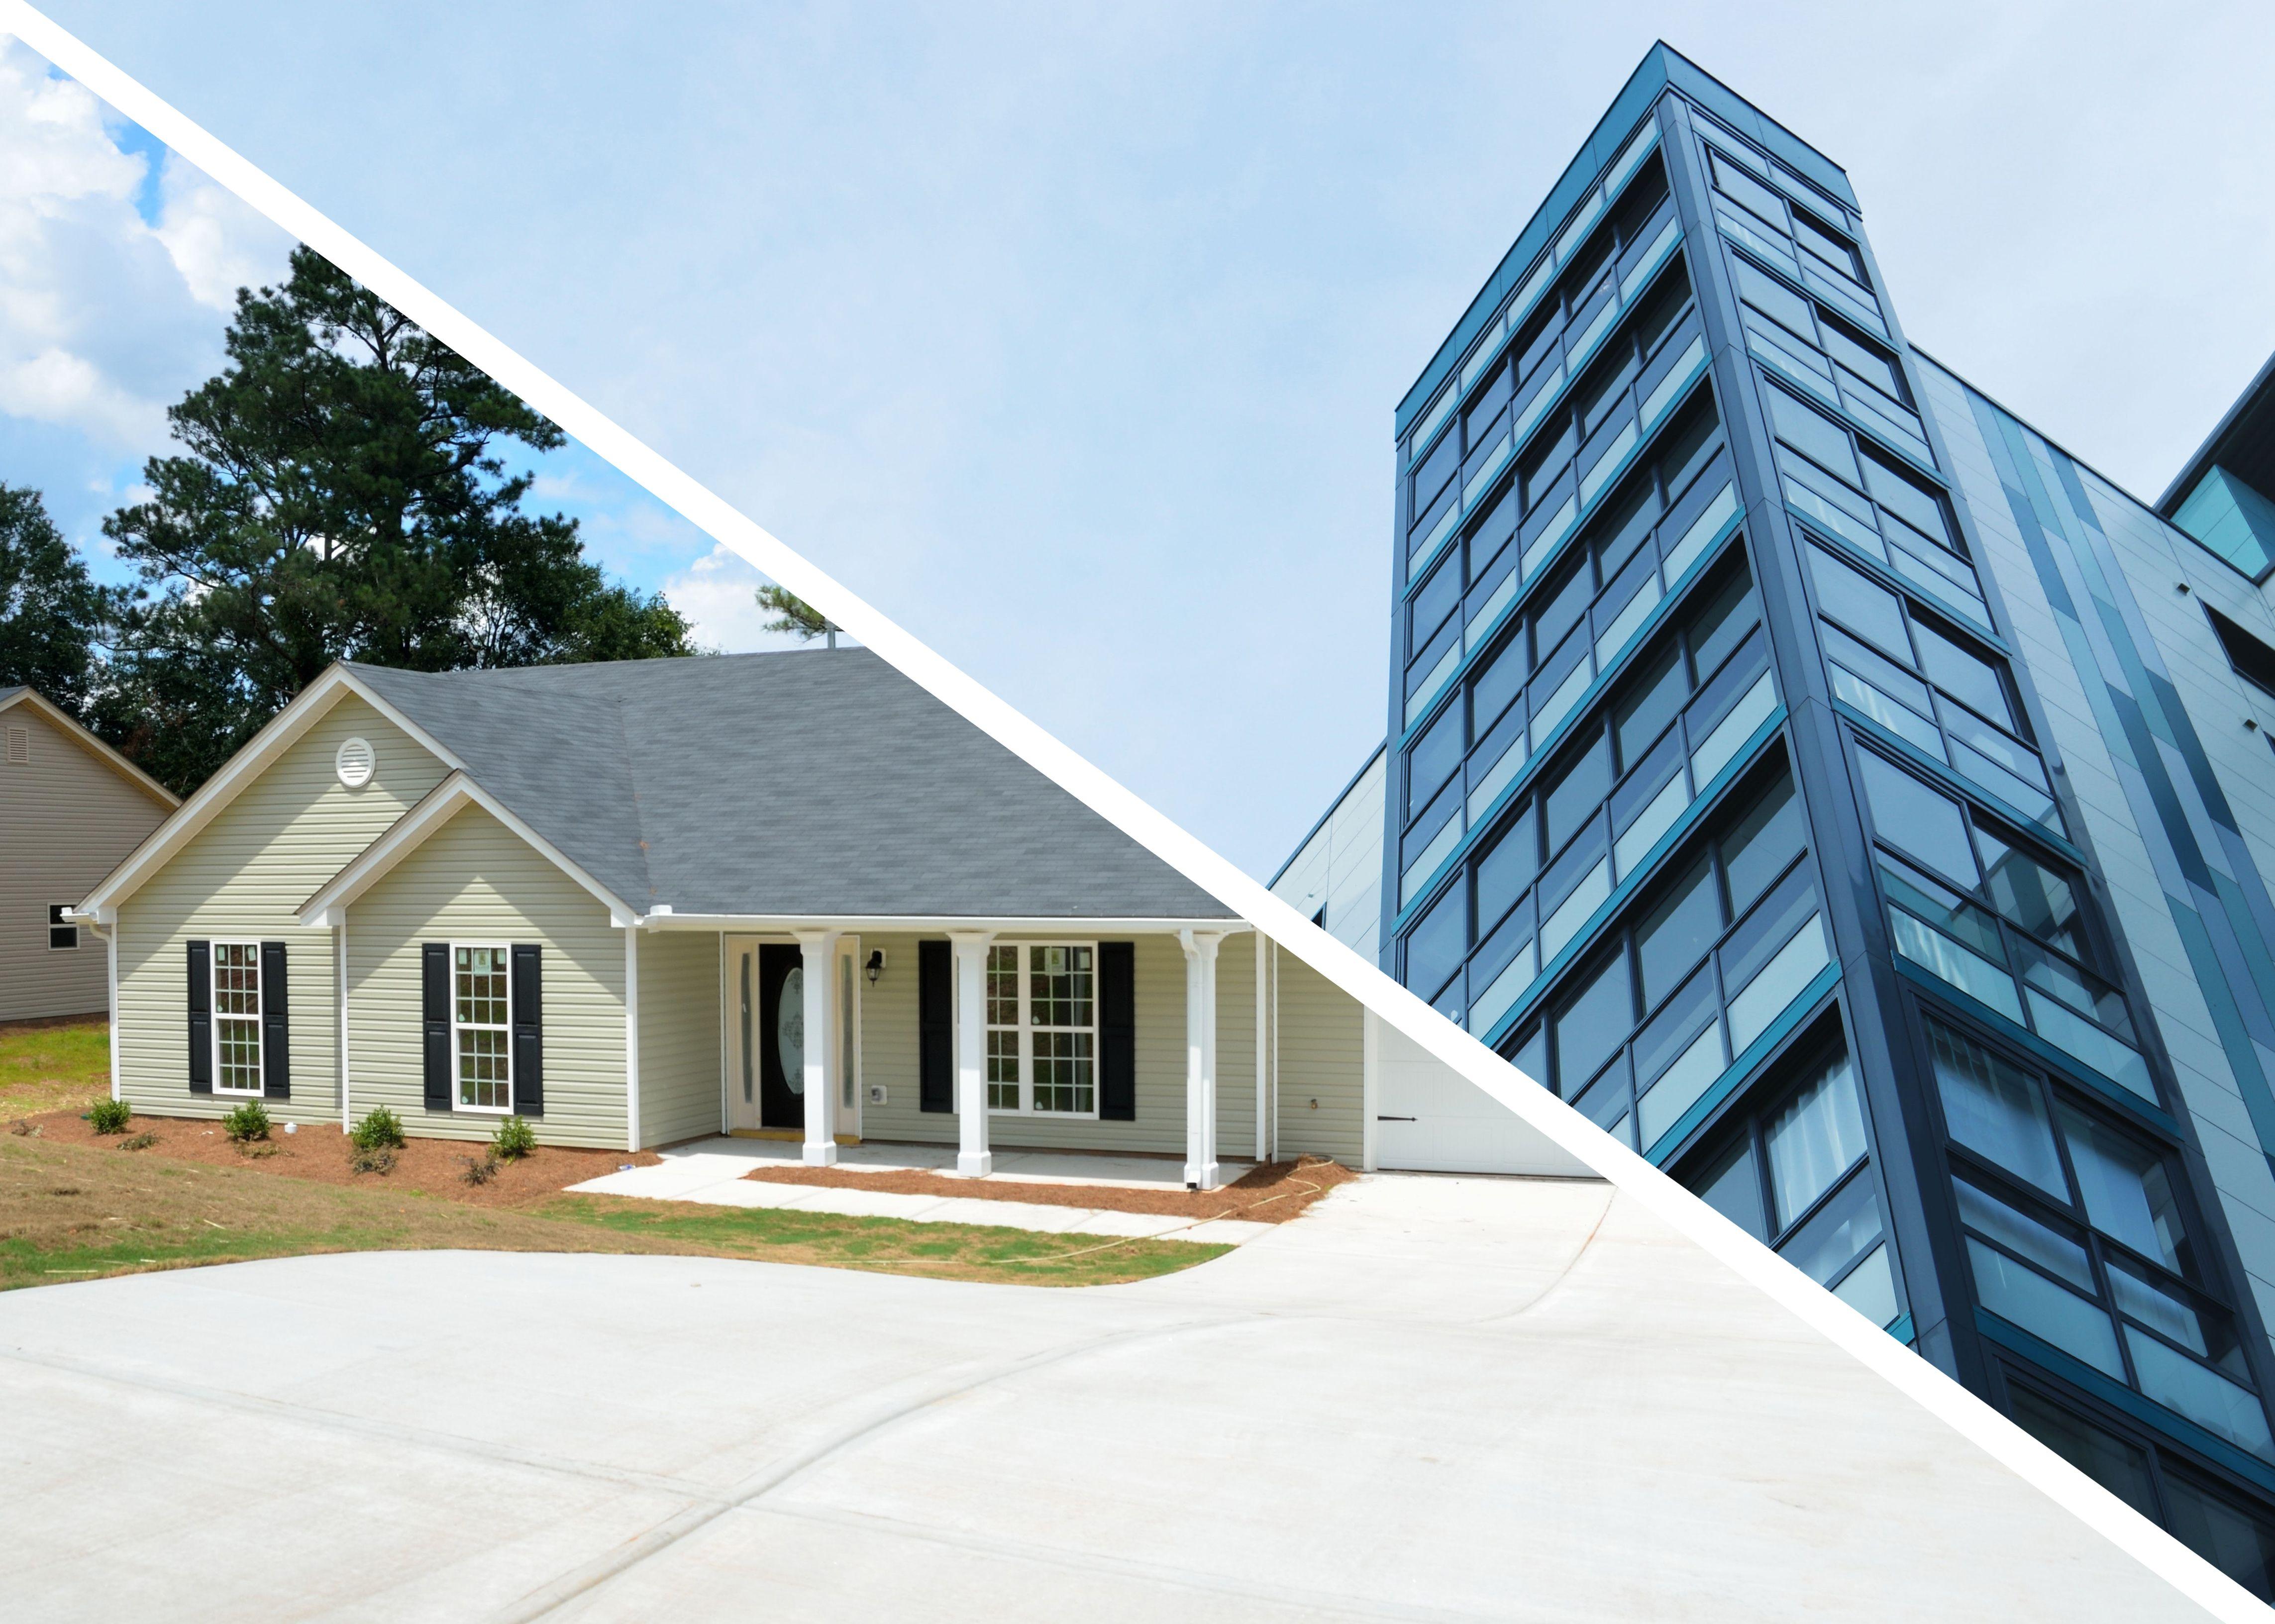 ¿Qué prefieres? ¿Casa o Apartamento?